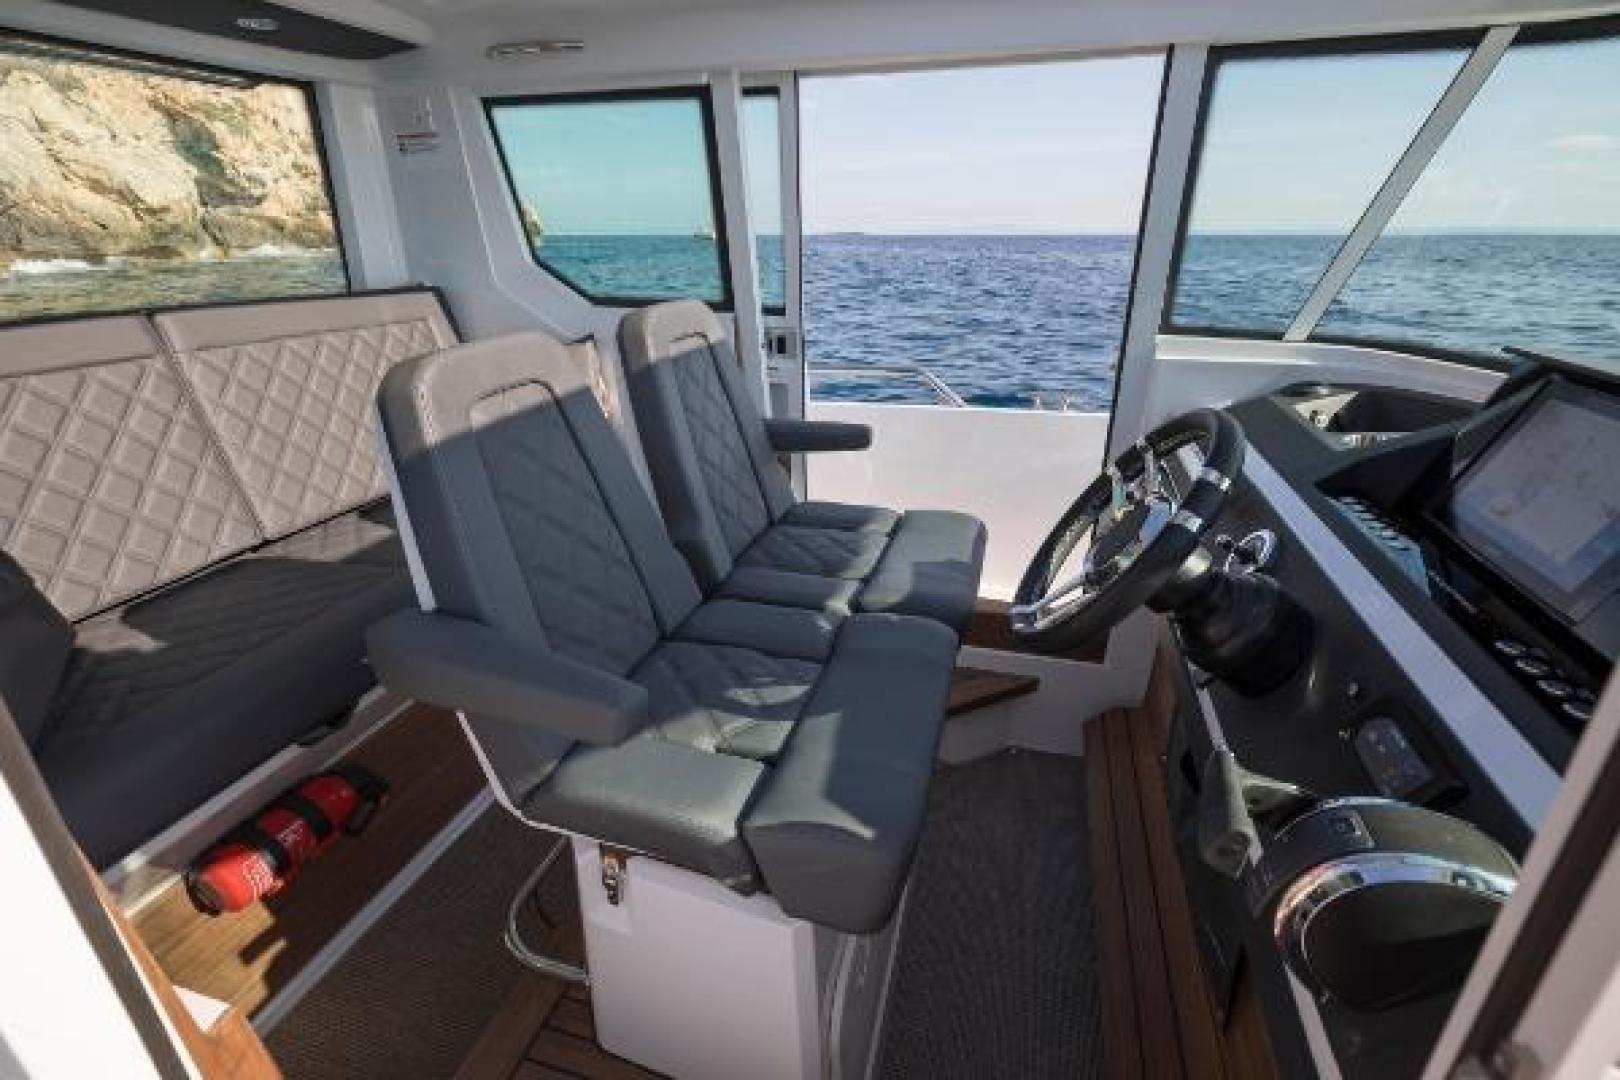 Axopar-28 CABIN 2020-Axopar 28 CABIN Palm Beach-Florida-United States-1531471 | Thumbnail